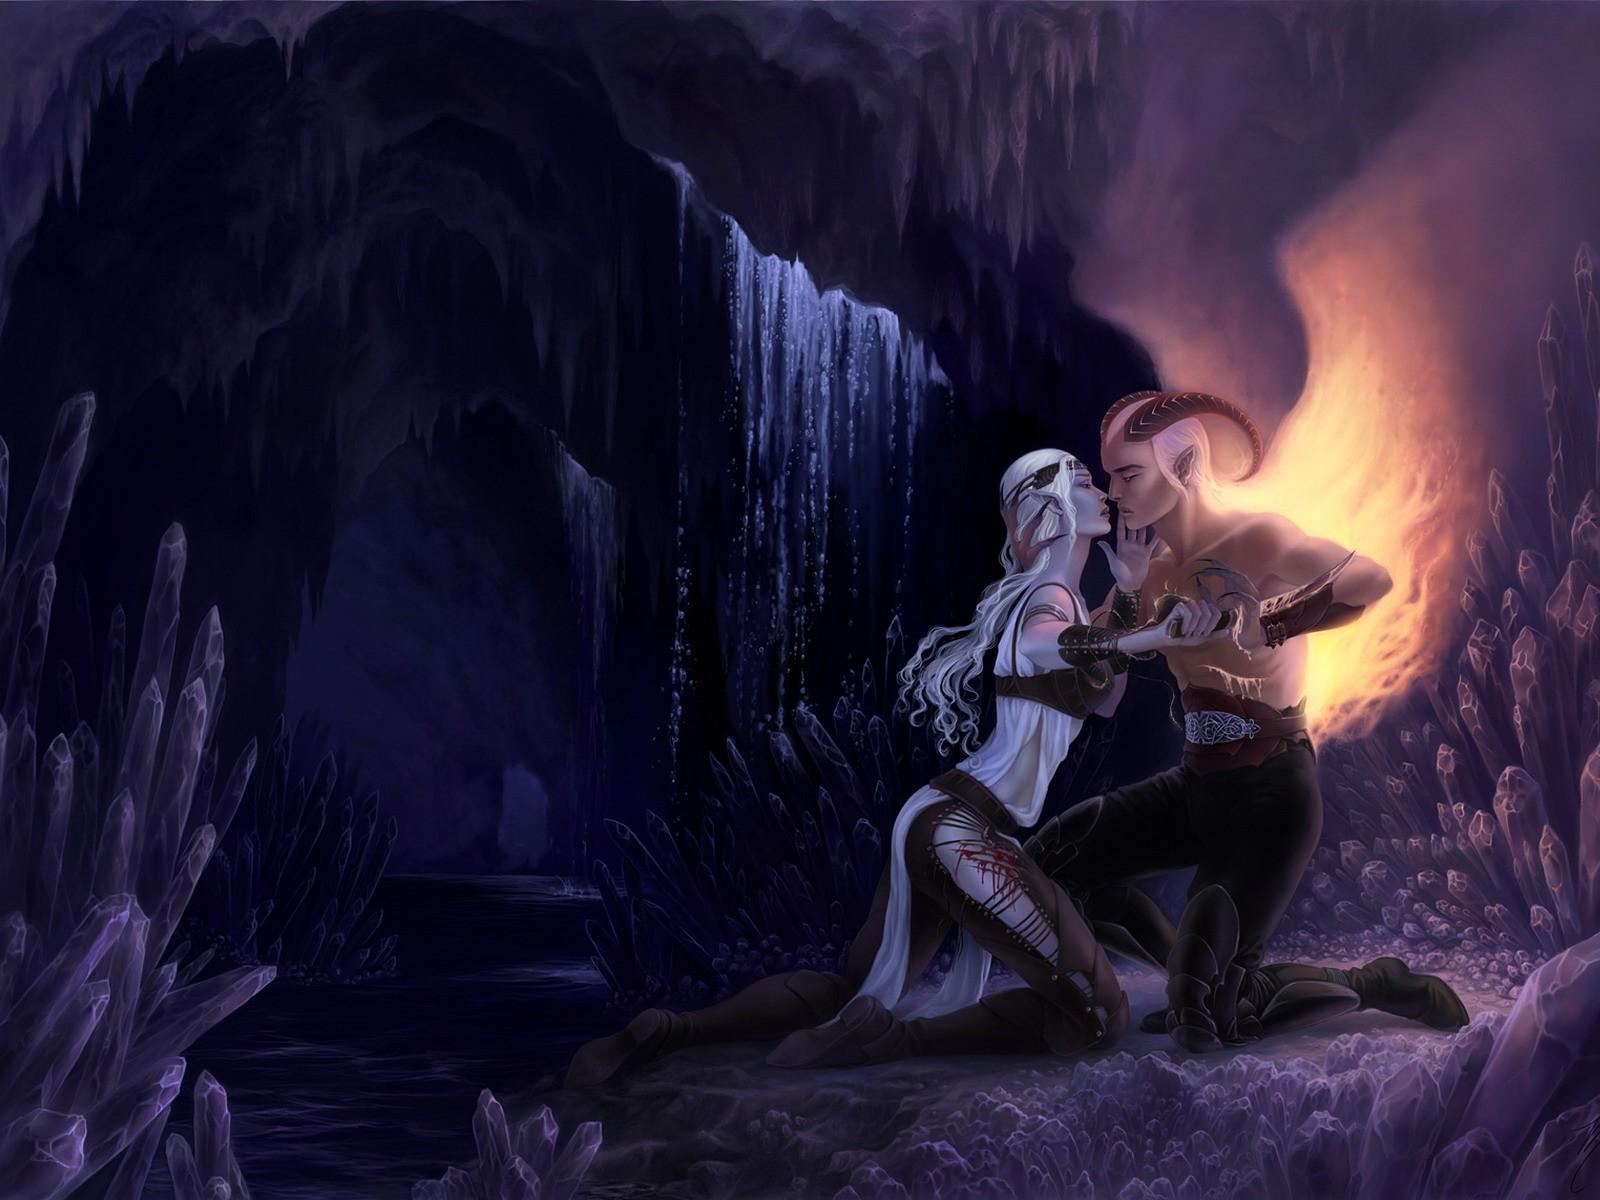 девушка и демон